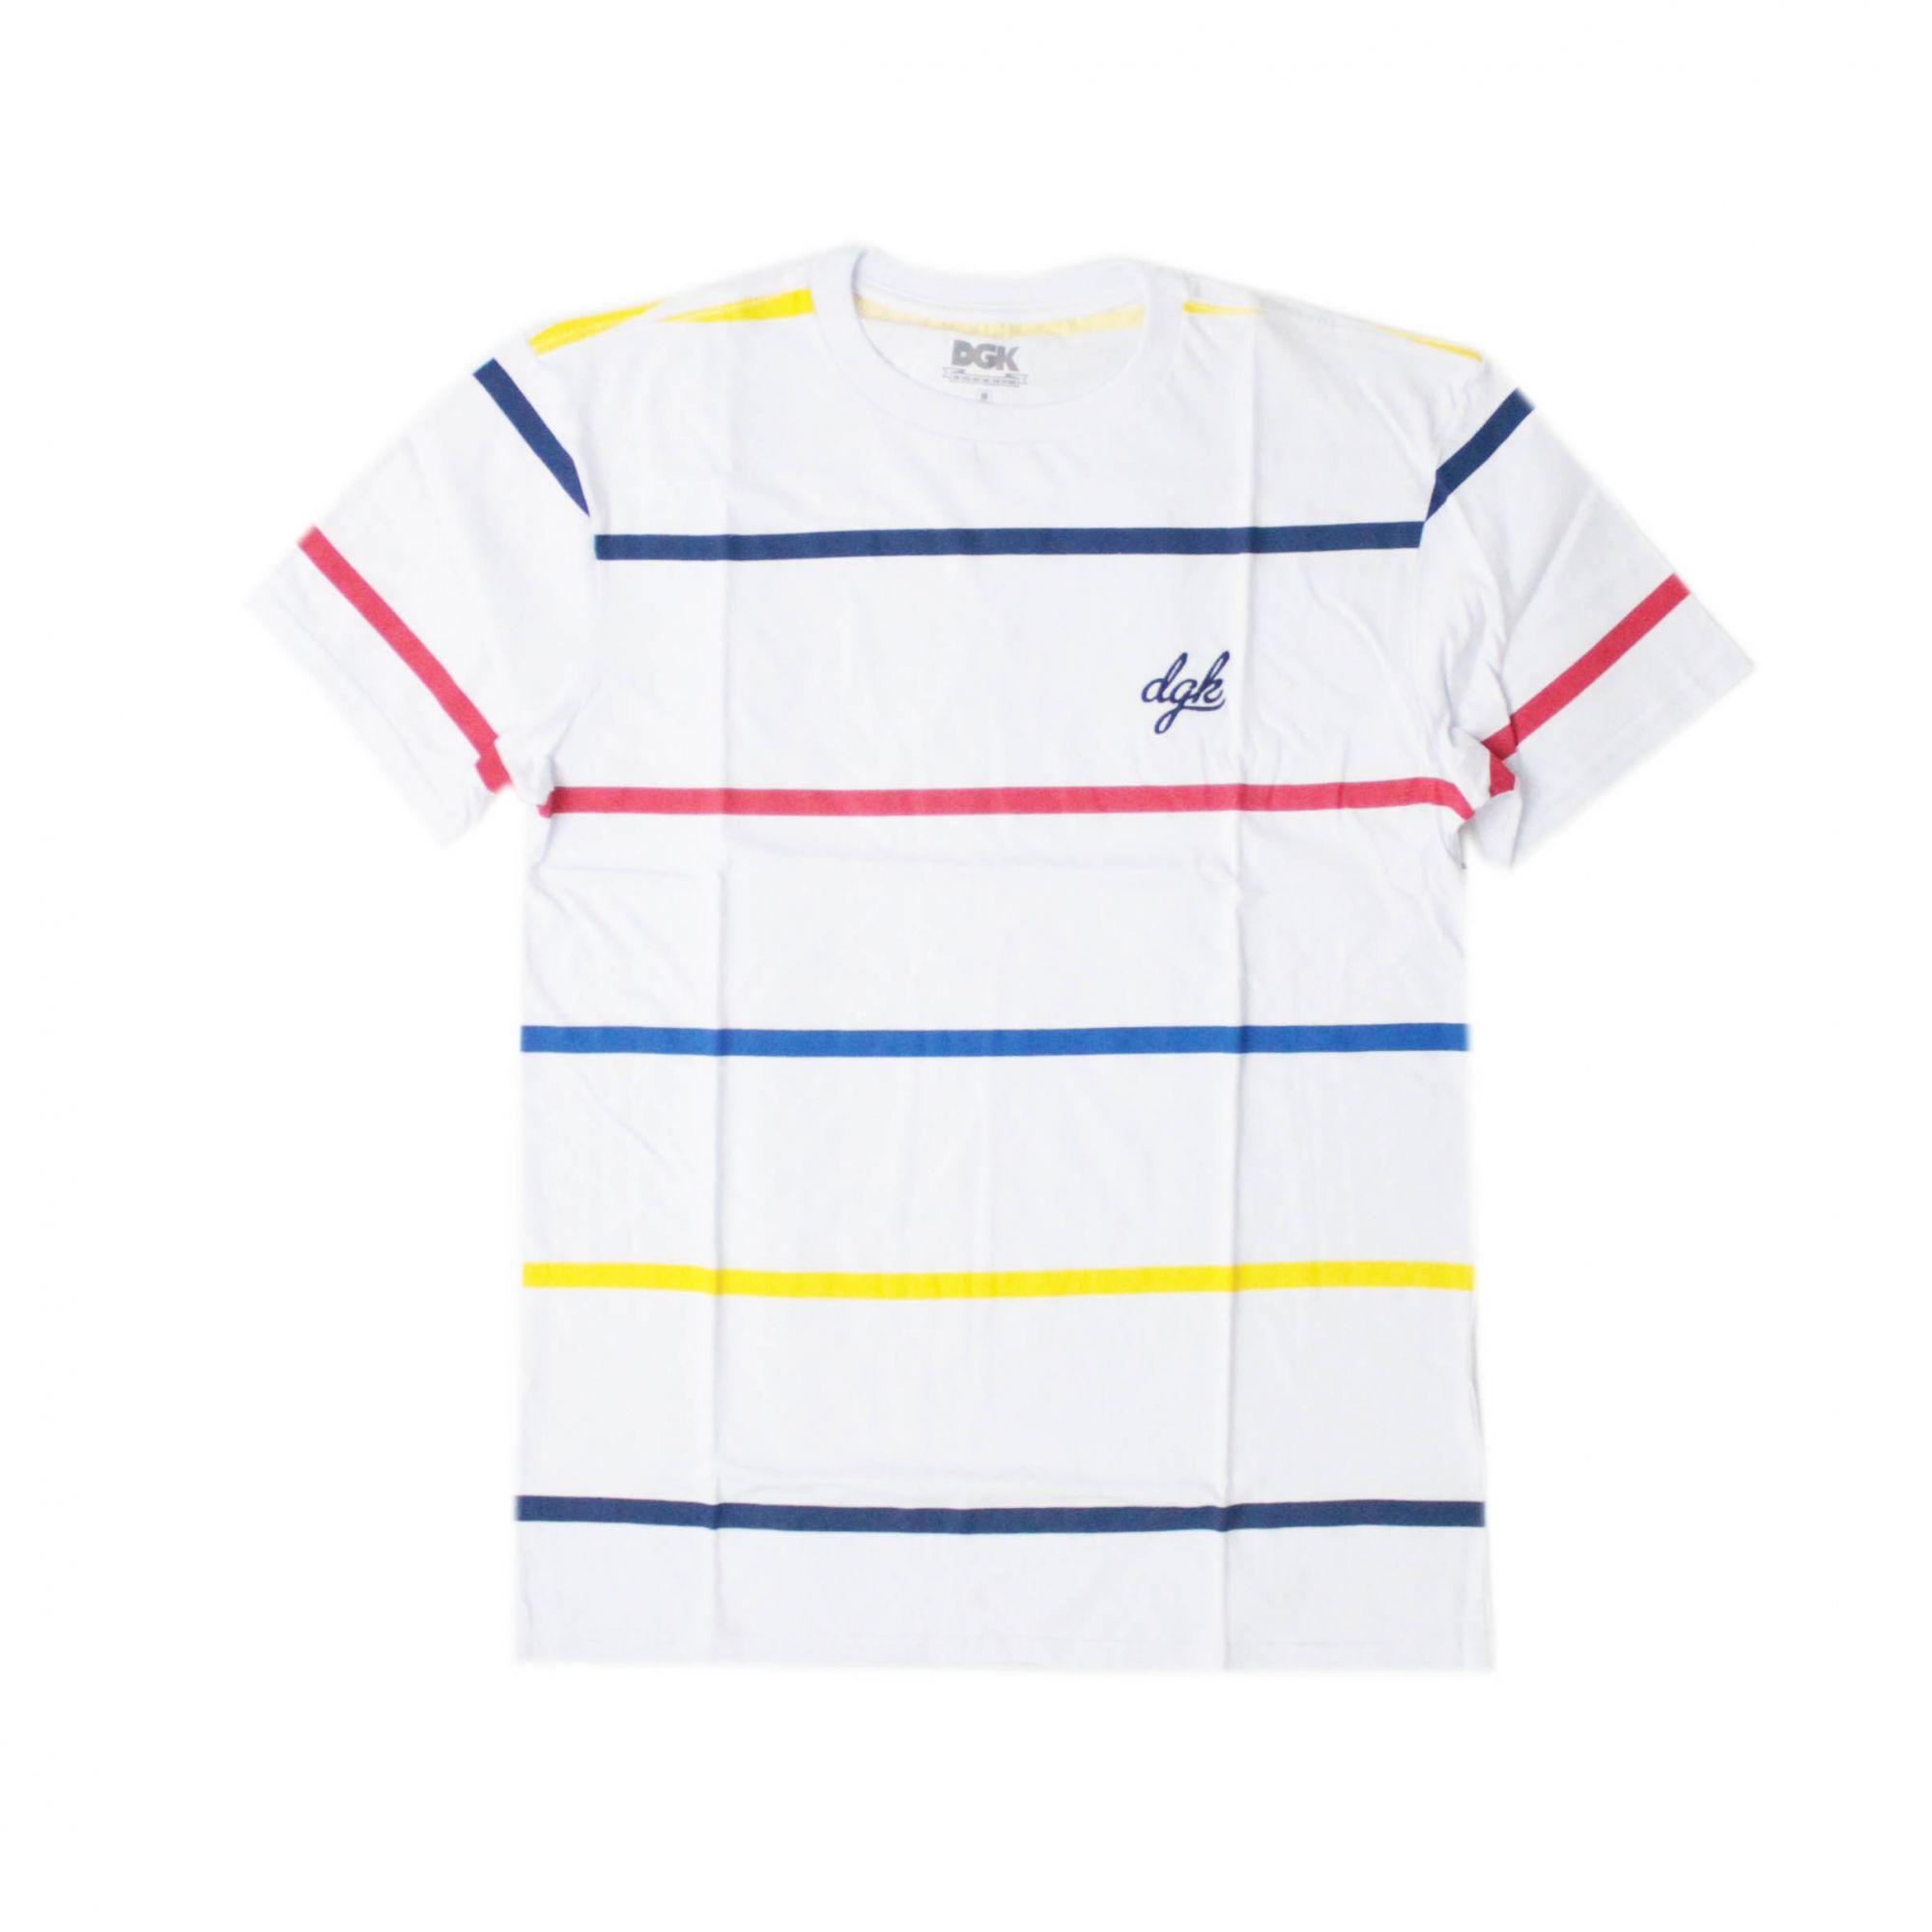 Camiseta DGK Baseline Branco